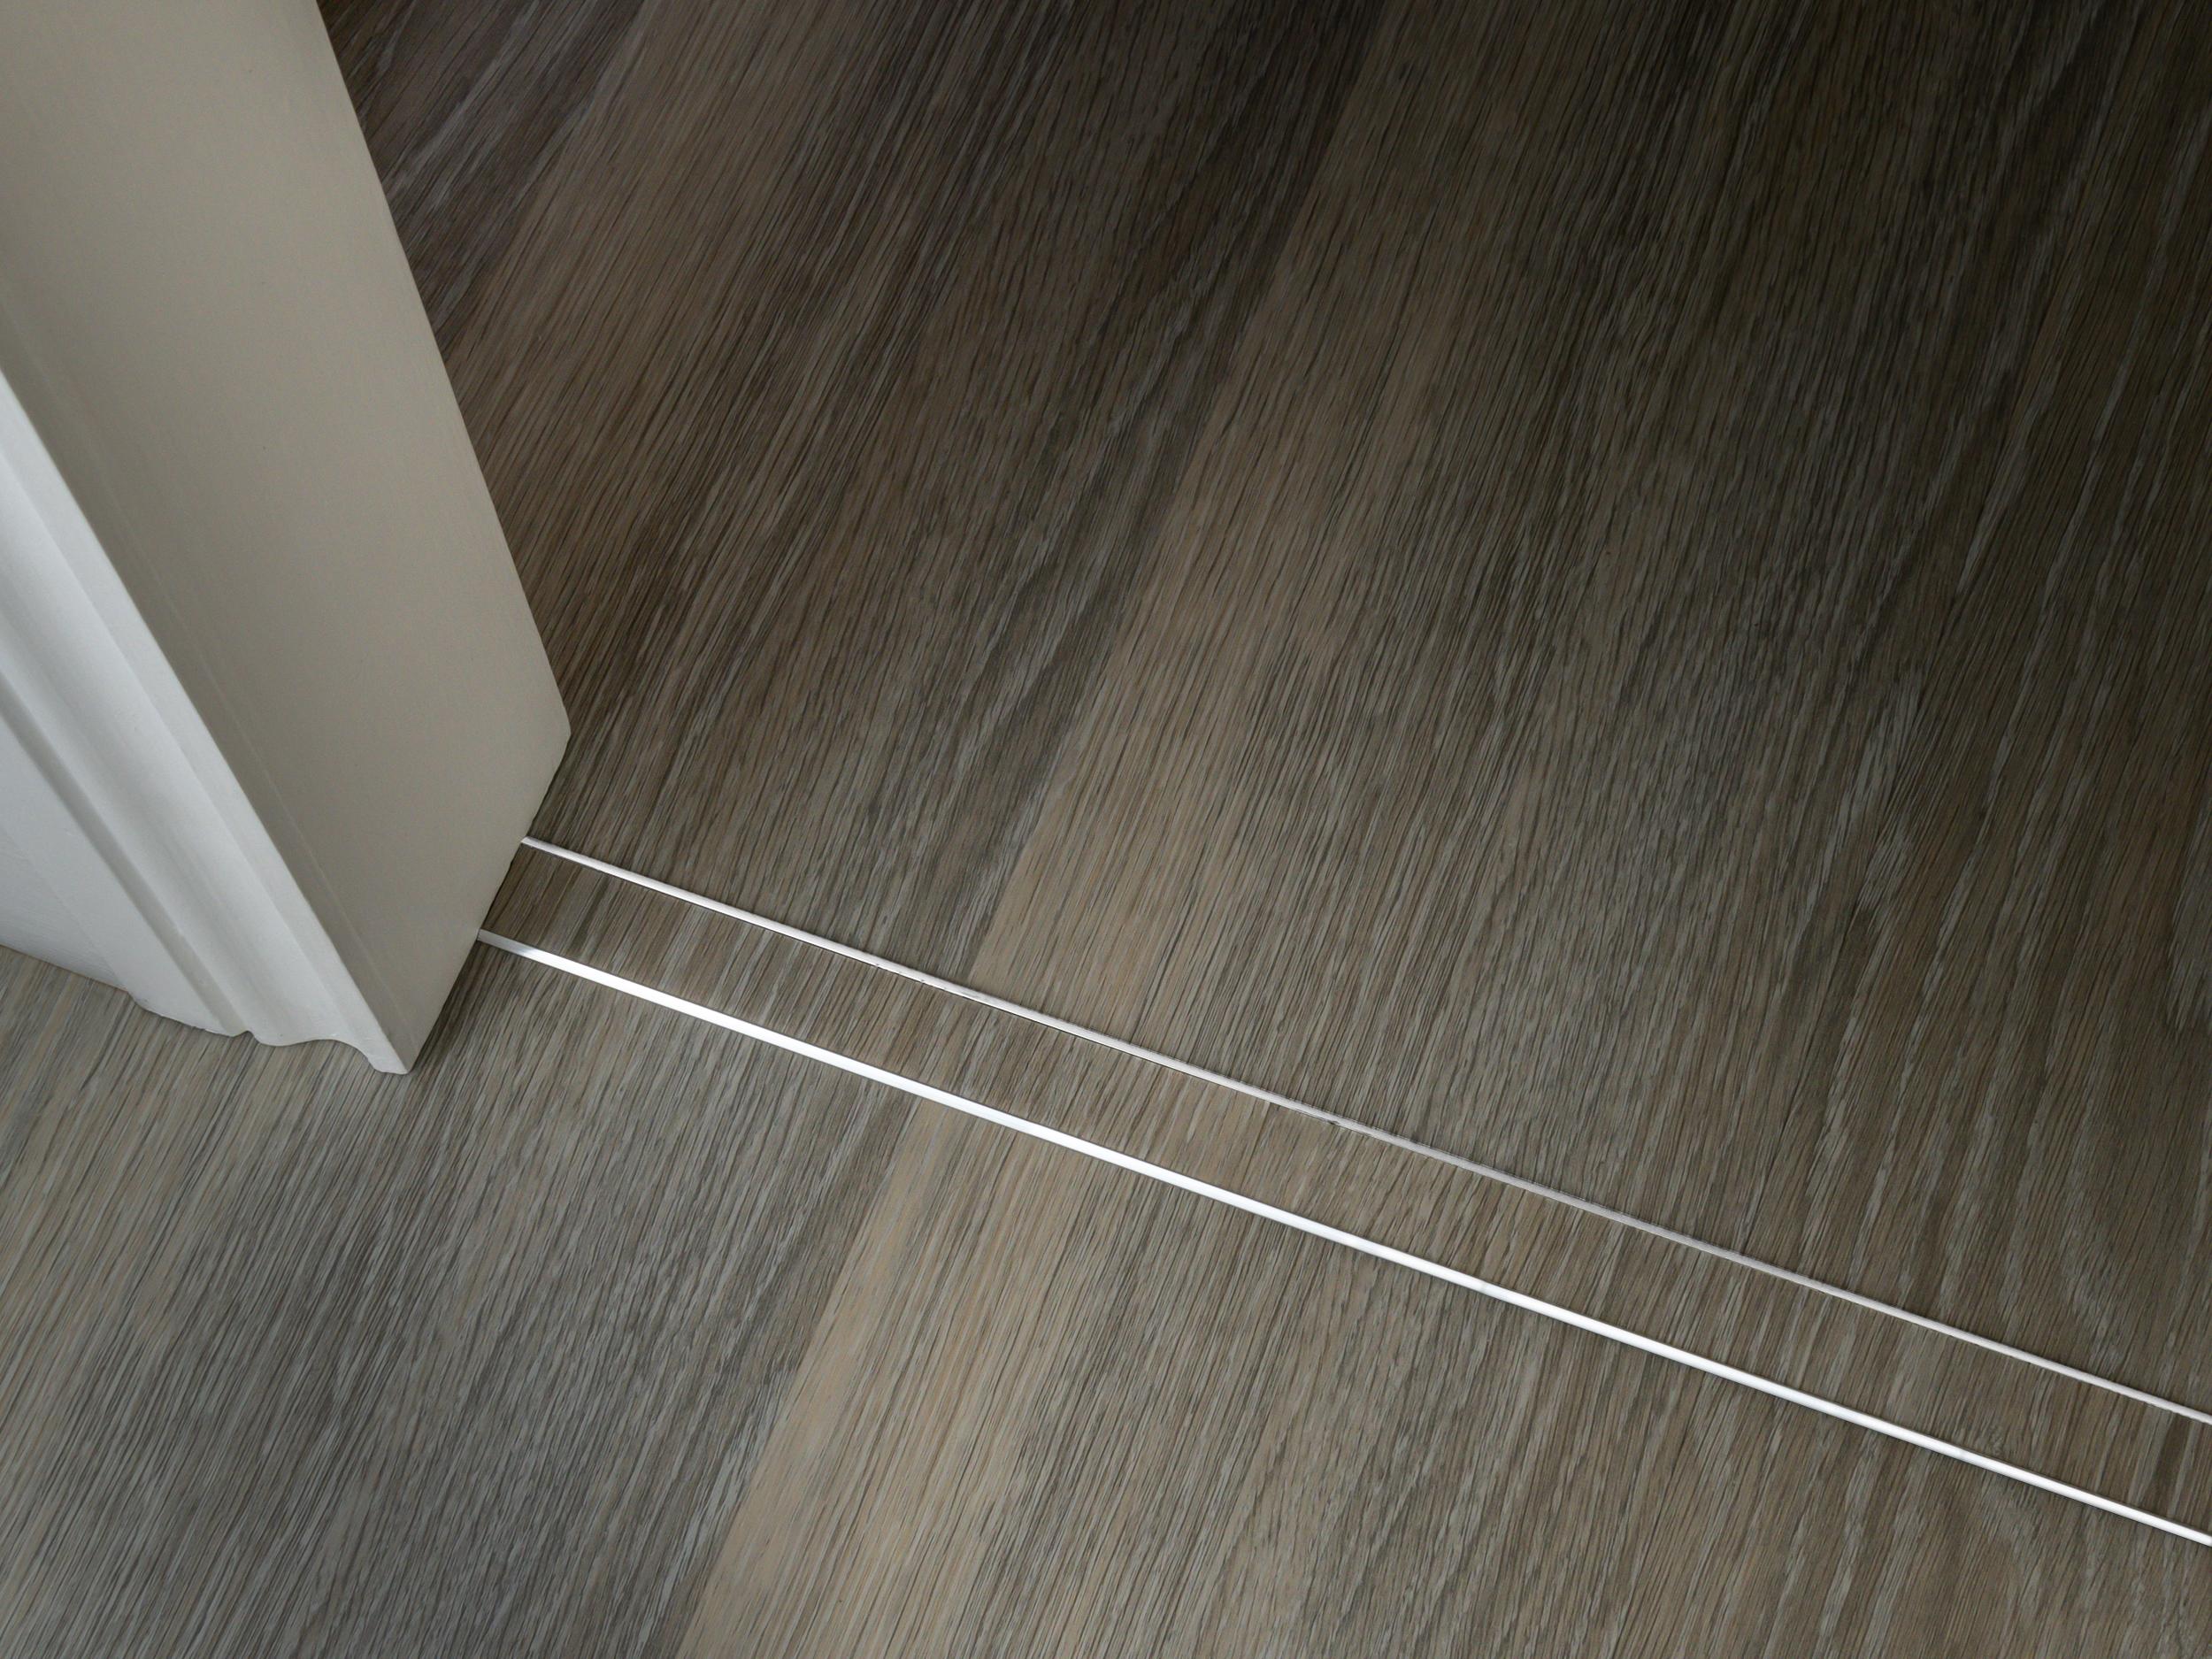 stairrods-uk-chrome-ali-tramline-polyflor-expona-encore-rigid-persian-limed-oak-1mma.jpg